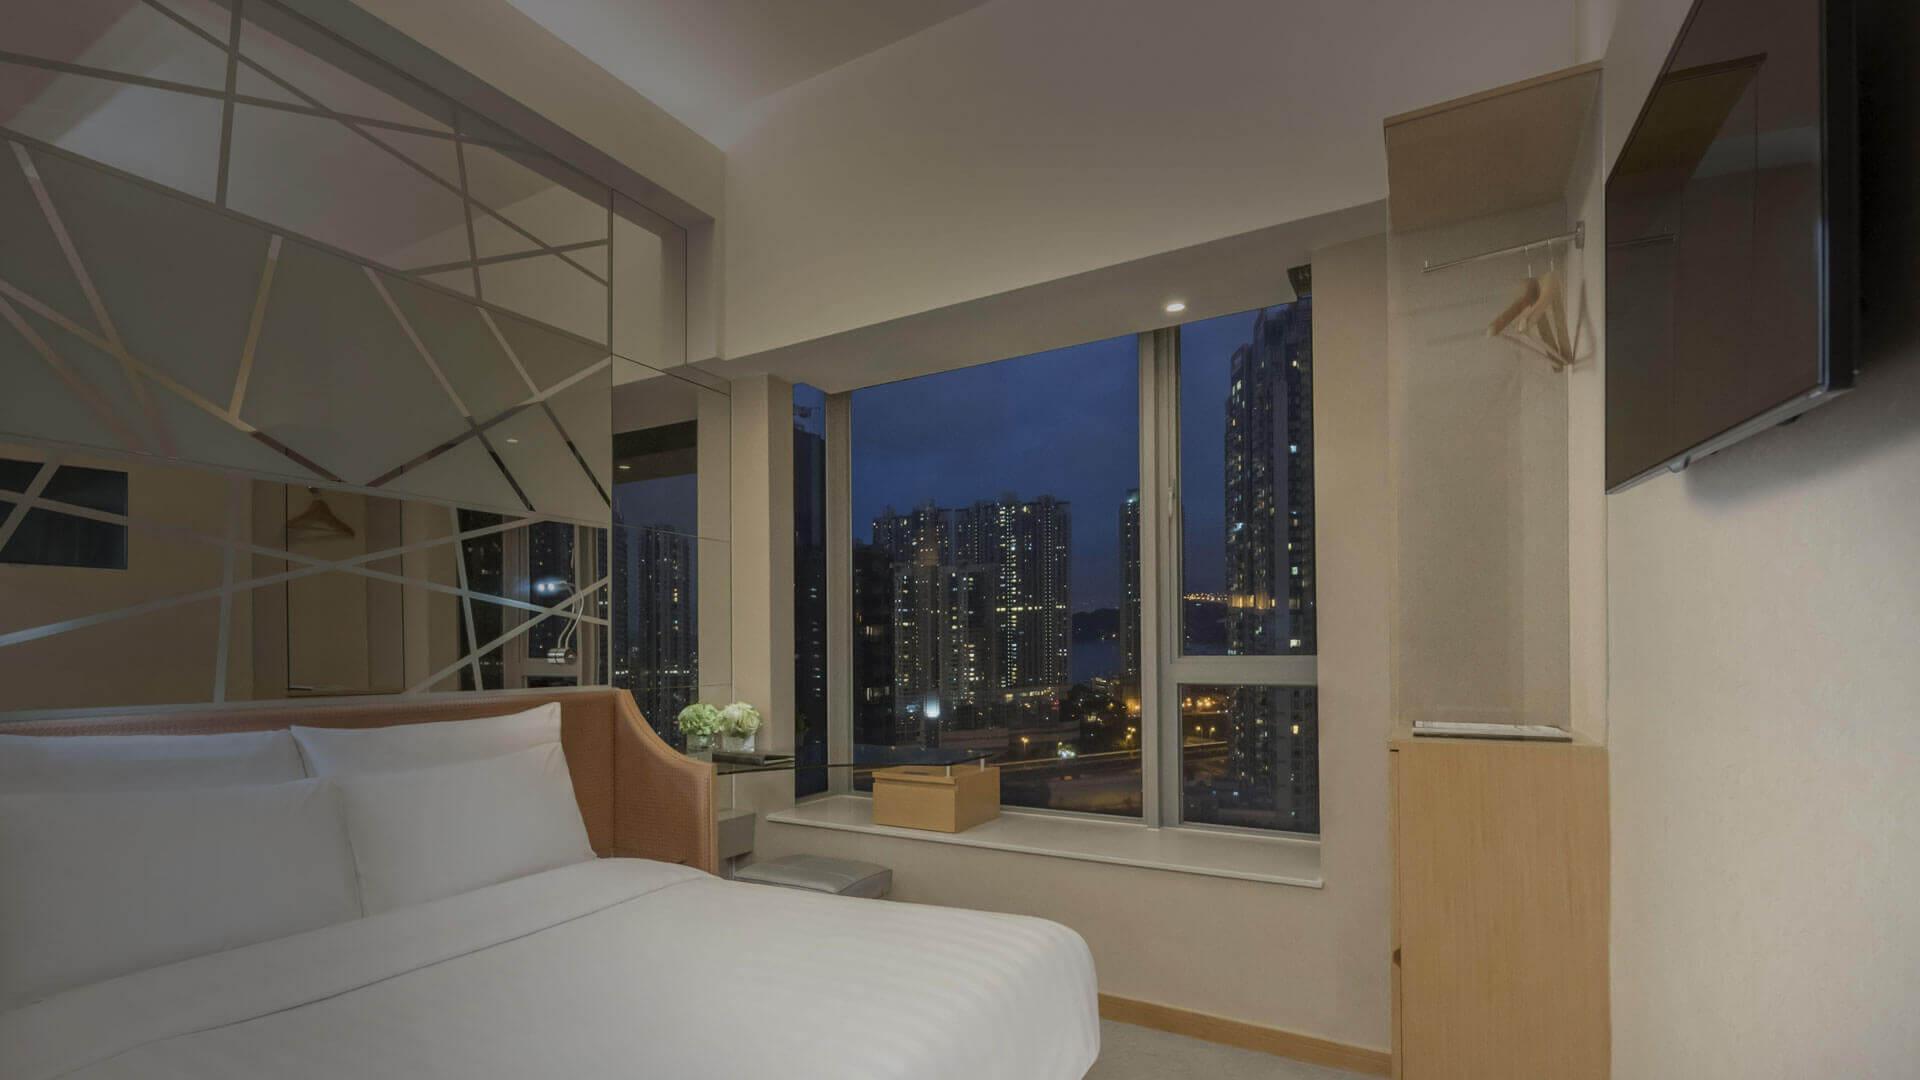 旺角酒店丨九龍酒店丨香港旺角帝盛酒店官方網站